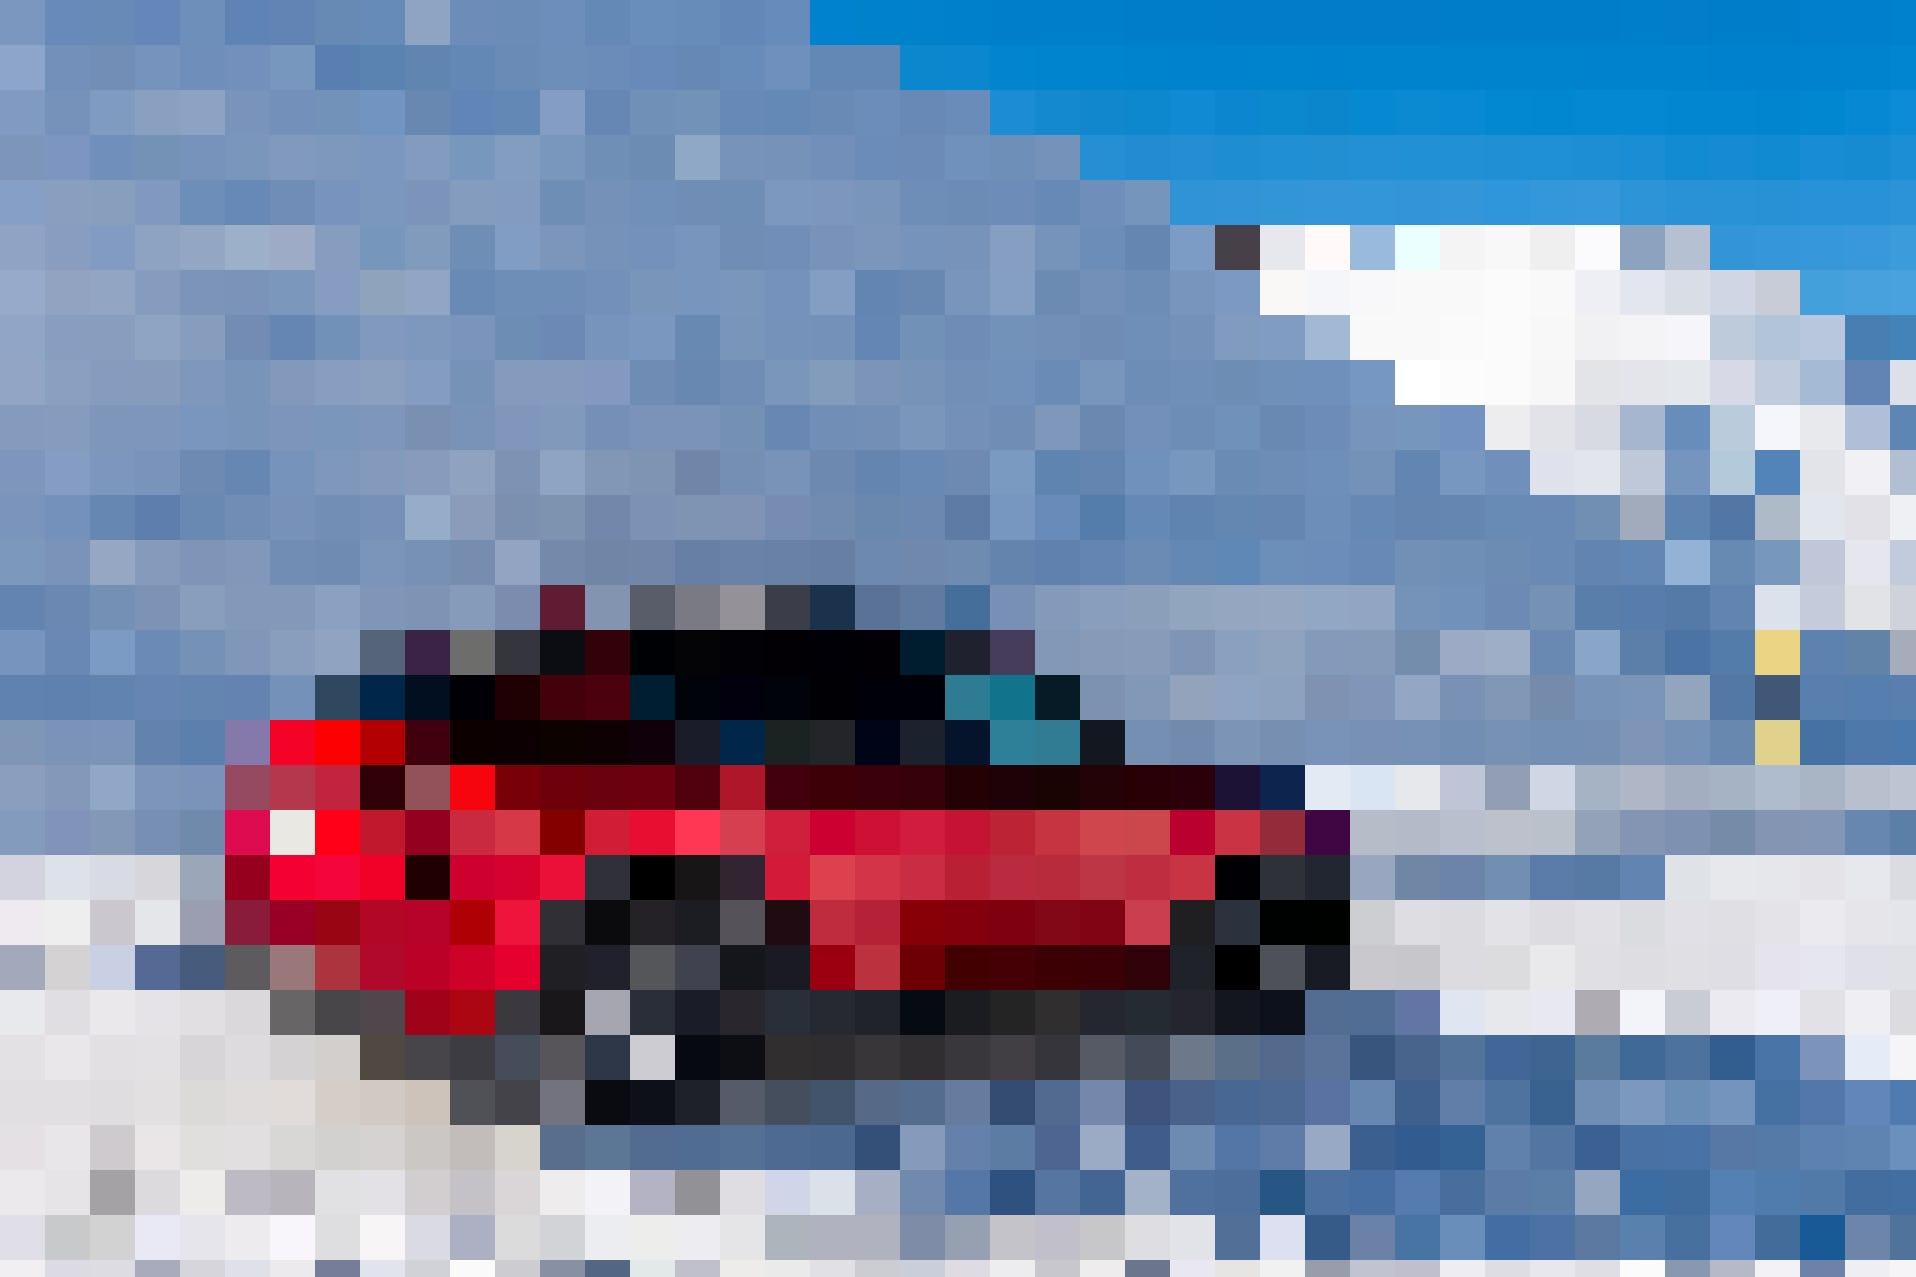 Après une boisson bien chaude, il est déjà temps de reprendre la route avec le Mazda CX-5 4x4.